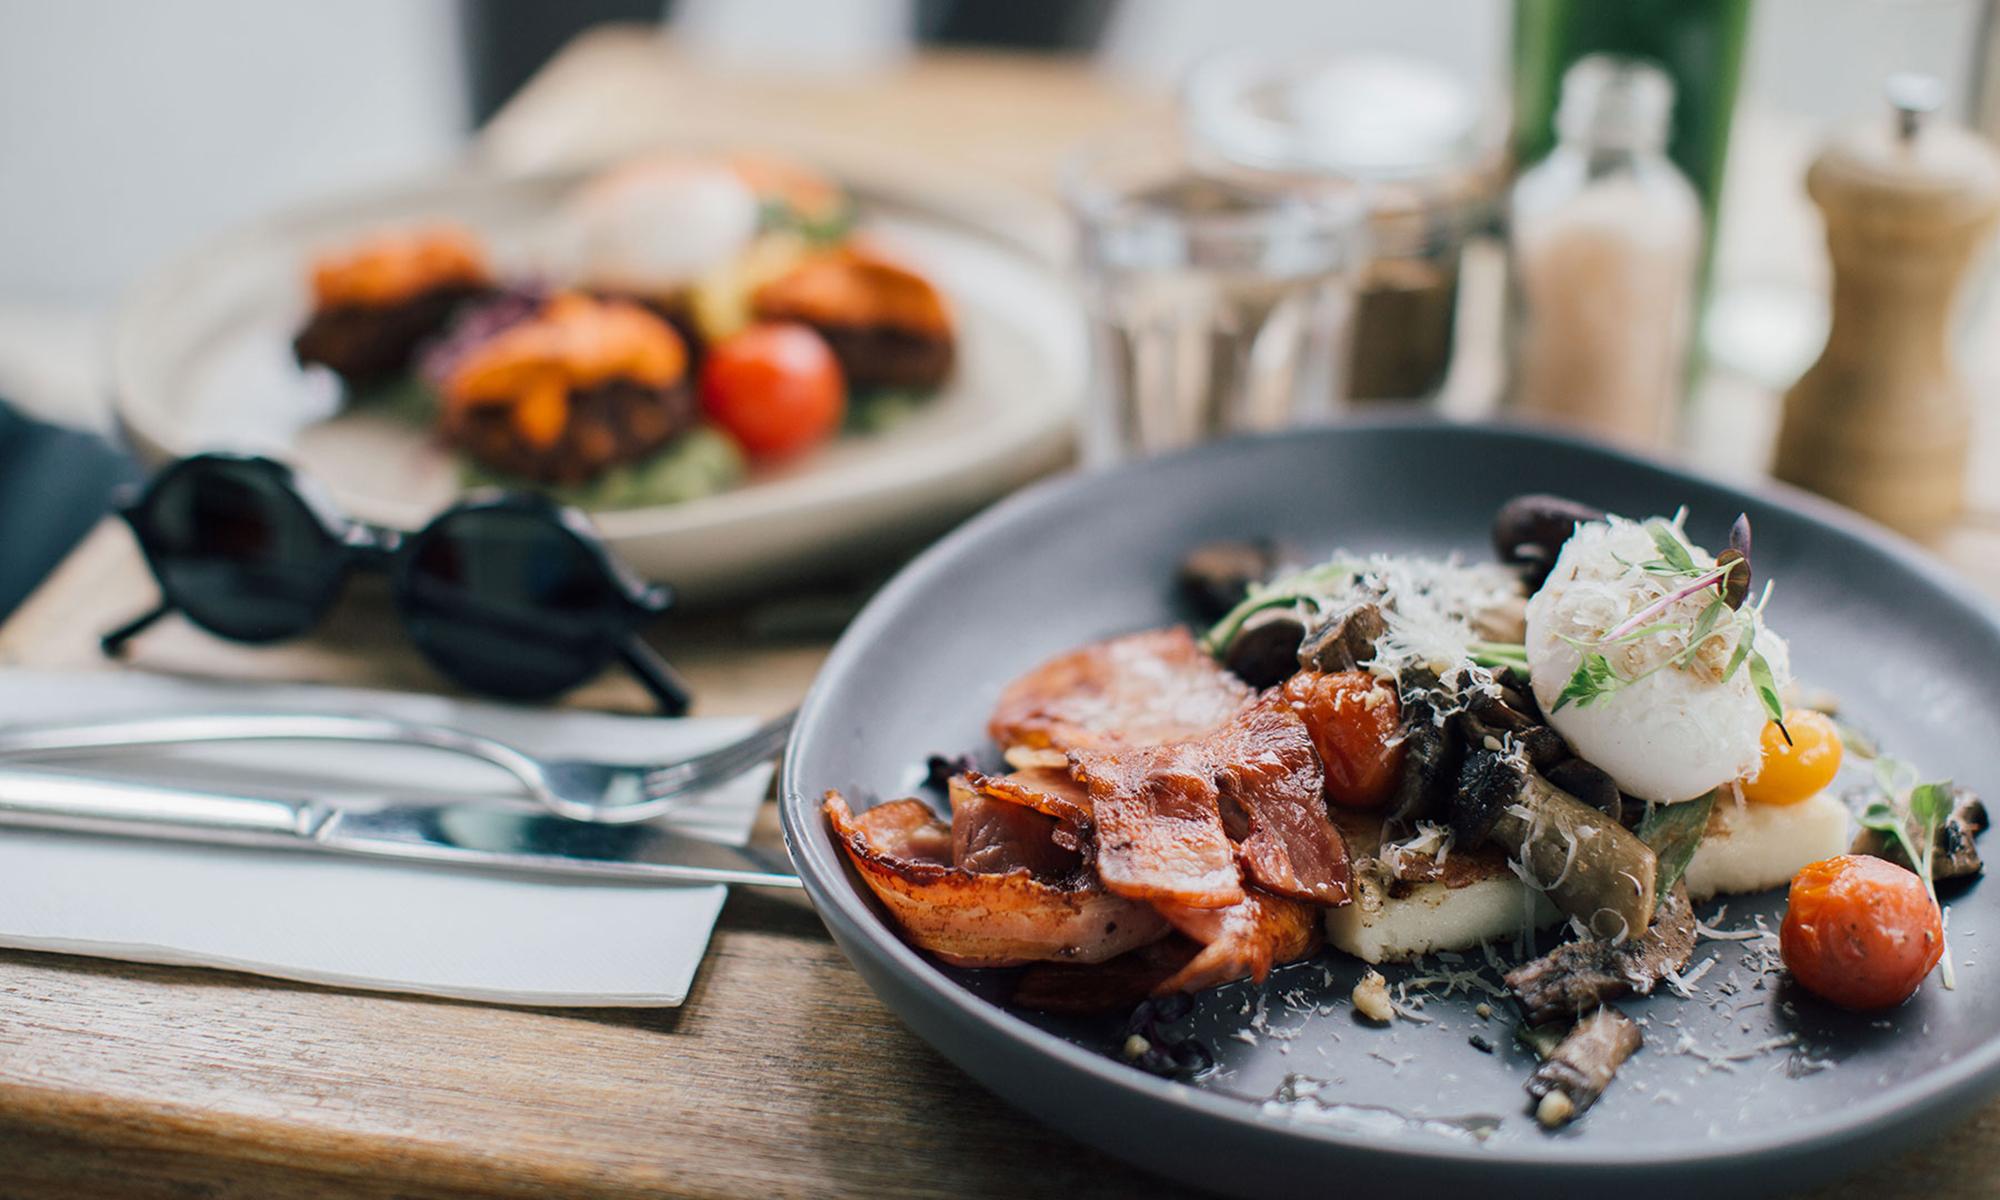 reddoor_bacon_breakfast v3